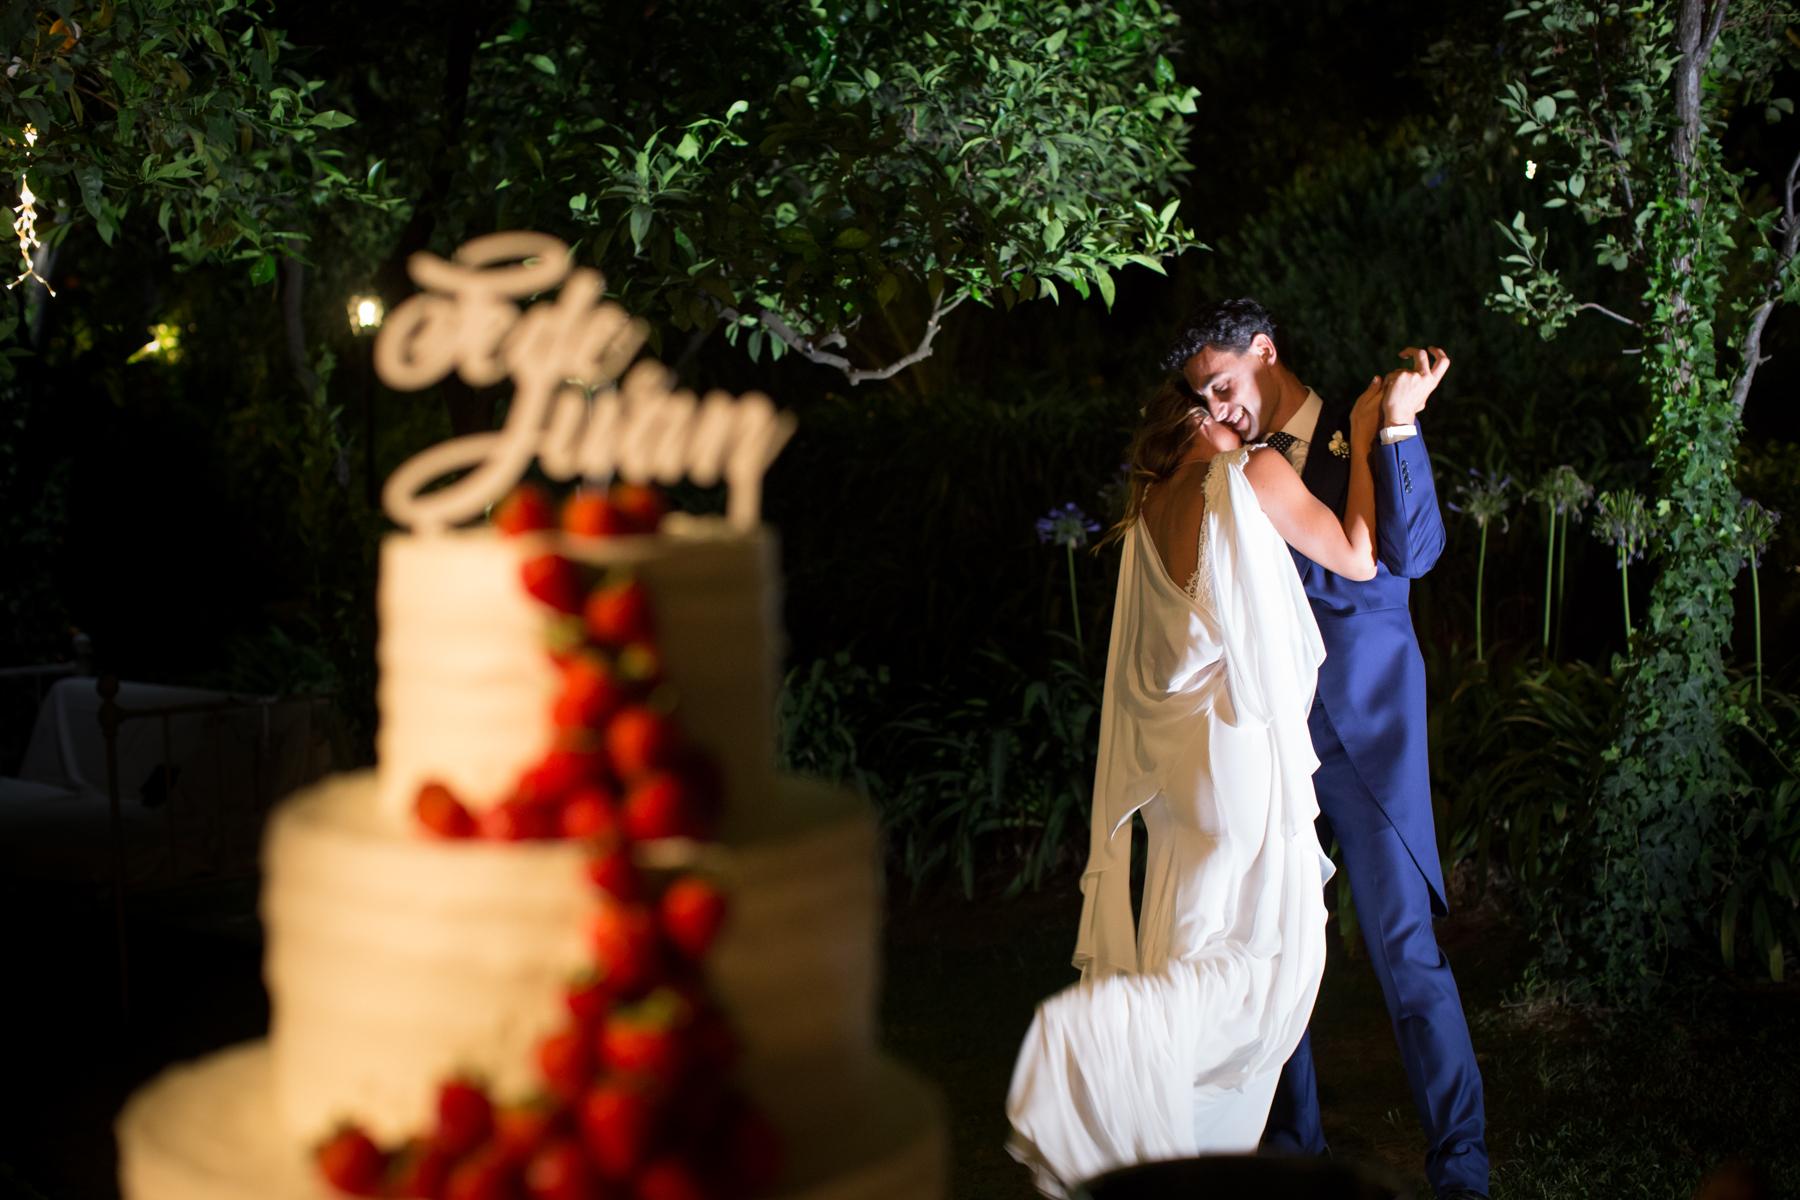 0238-_MG_9900fotografo-matrimonio-napoli-scattidamore